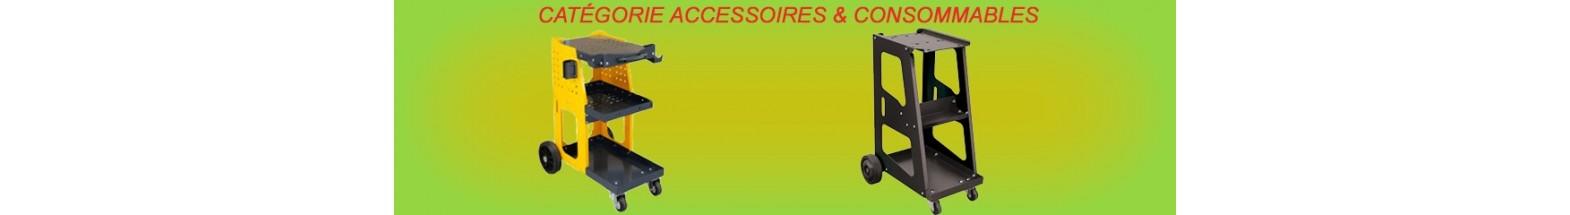 Accessoires et consommables redressage